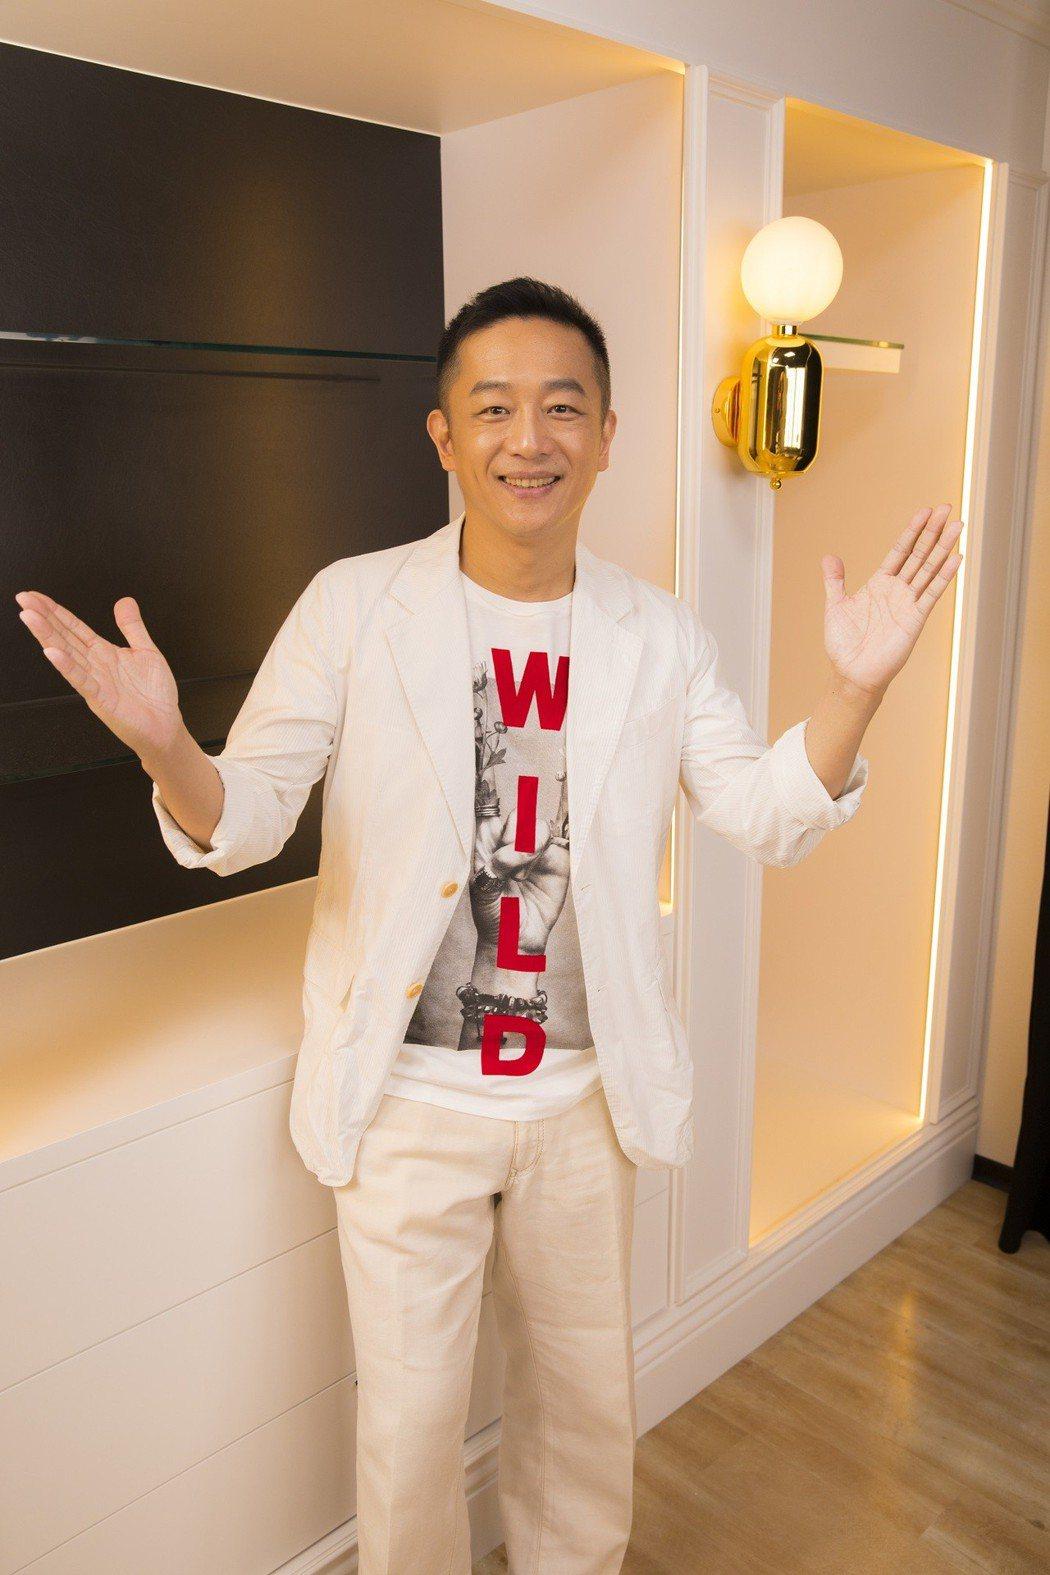 陳昭榮目前是直播界的一哥,經營直播事業有聲有色。圖/翰成直播購物提供